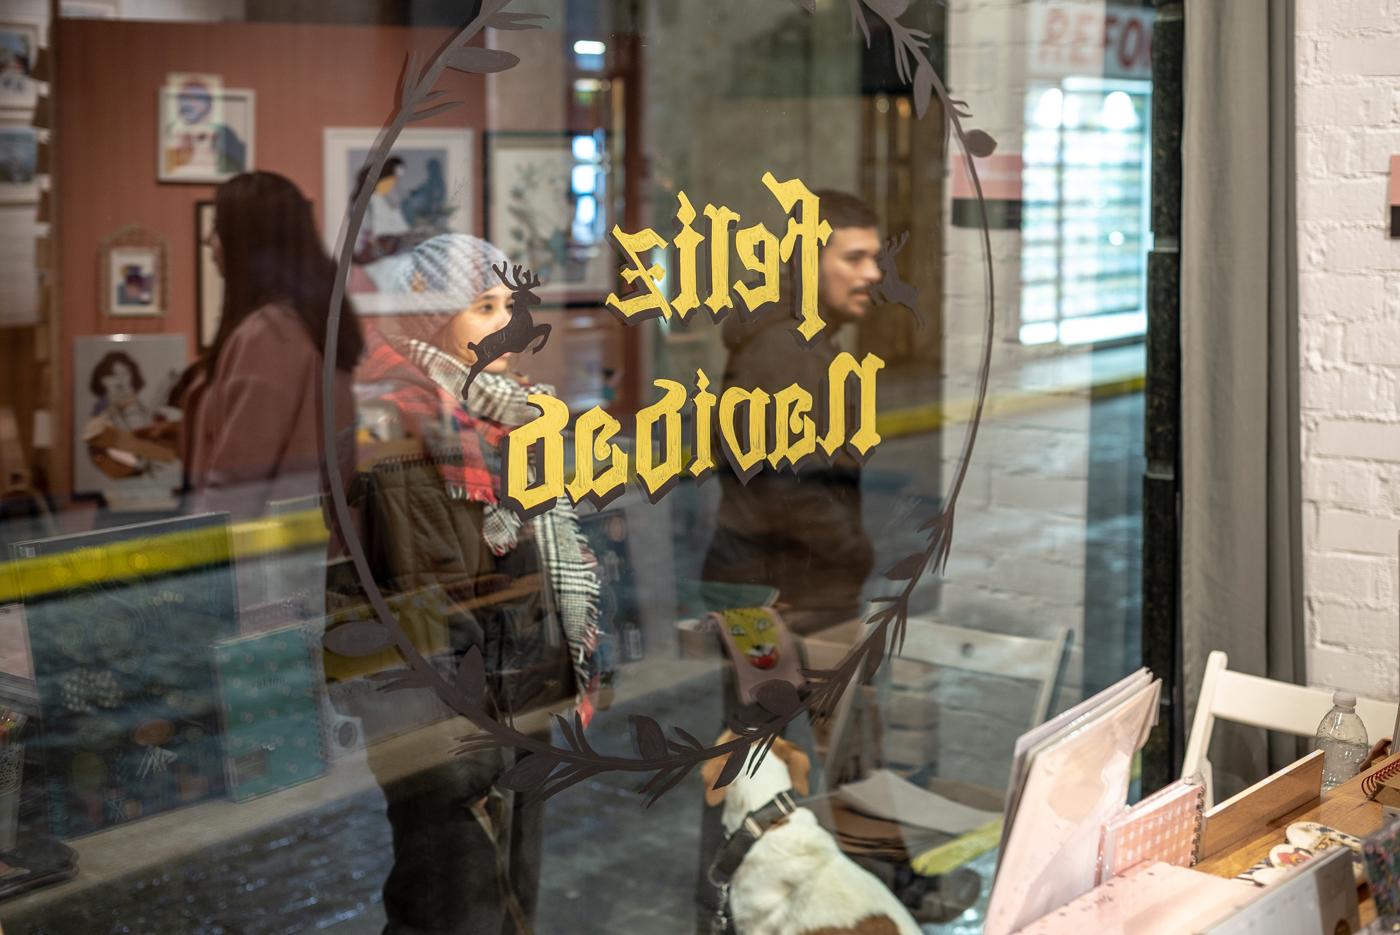 Arte Salamanca Galerías de Arte Contemporáneo Castilla y León Galerías de arte Salamanca. Fotografía en España galería arte talleres galería de arte diseño pintura coleccionista colección de arte exposición exposiciones arte contemporáneo dibujo ilustración belleza fotografía espacio obras junto arte artistas colecciones actual obra gráfica escultura serigrafías moda